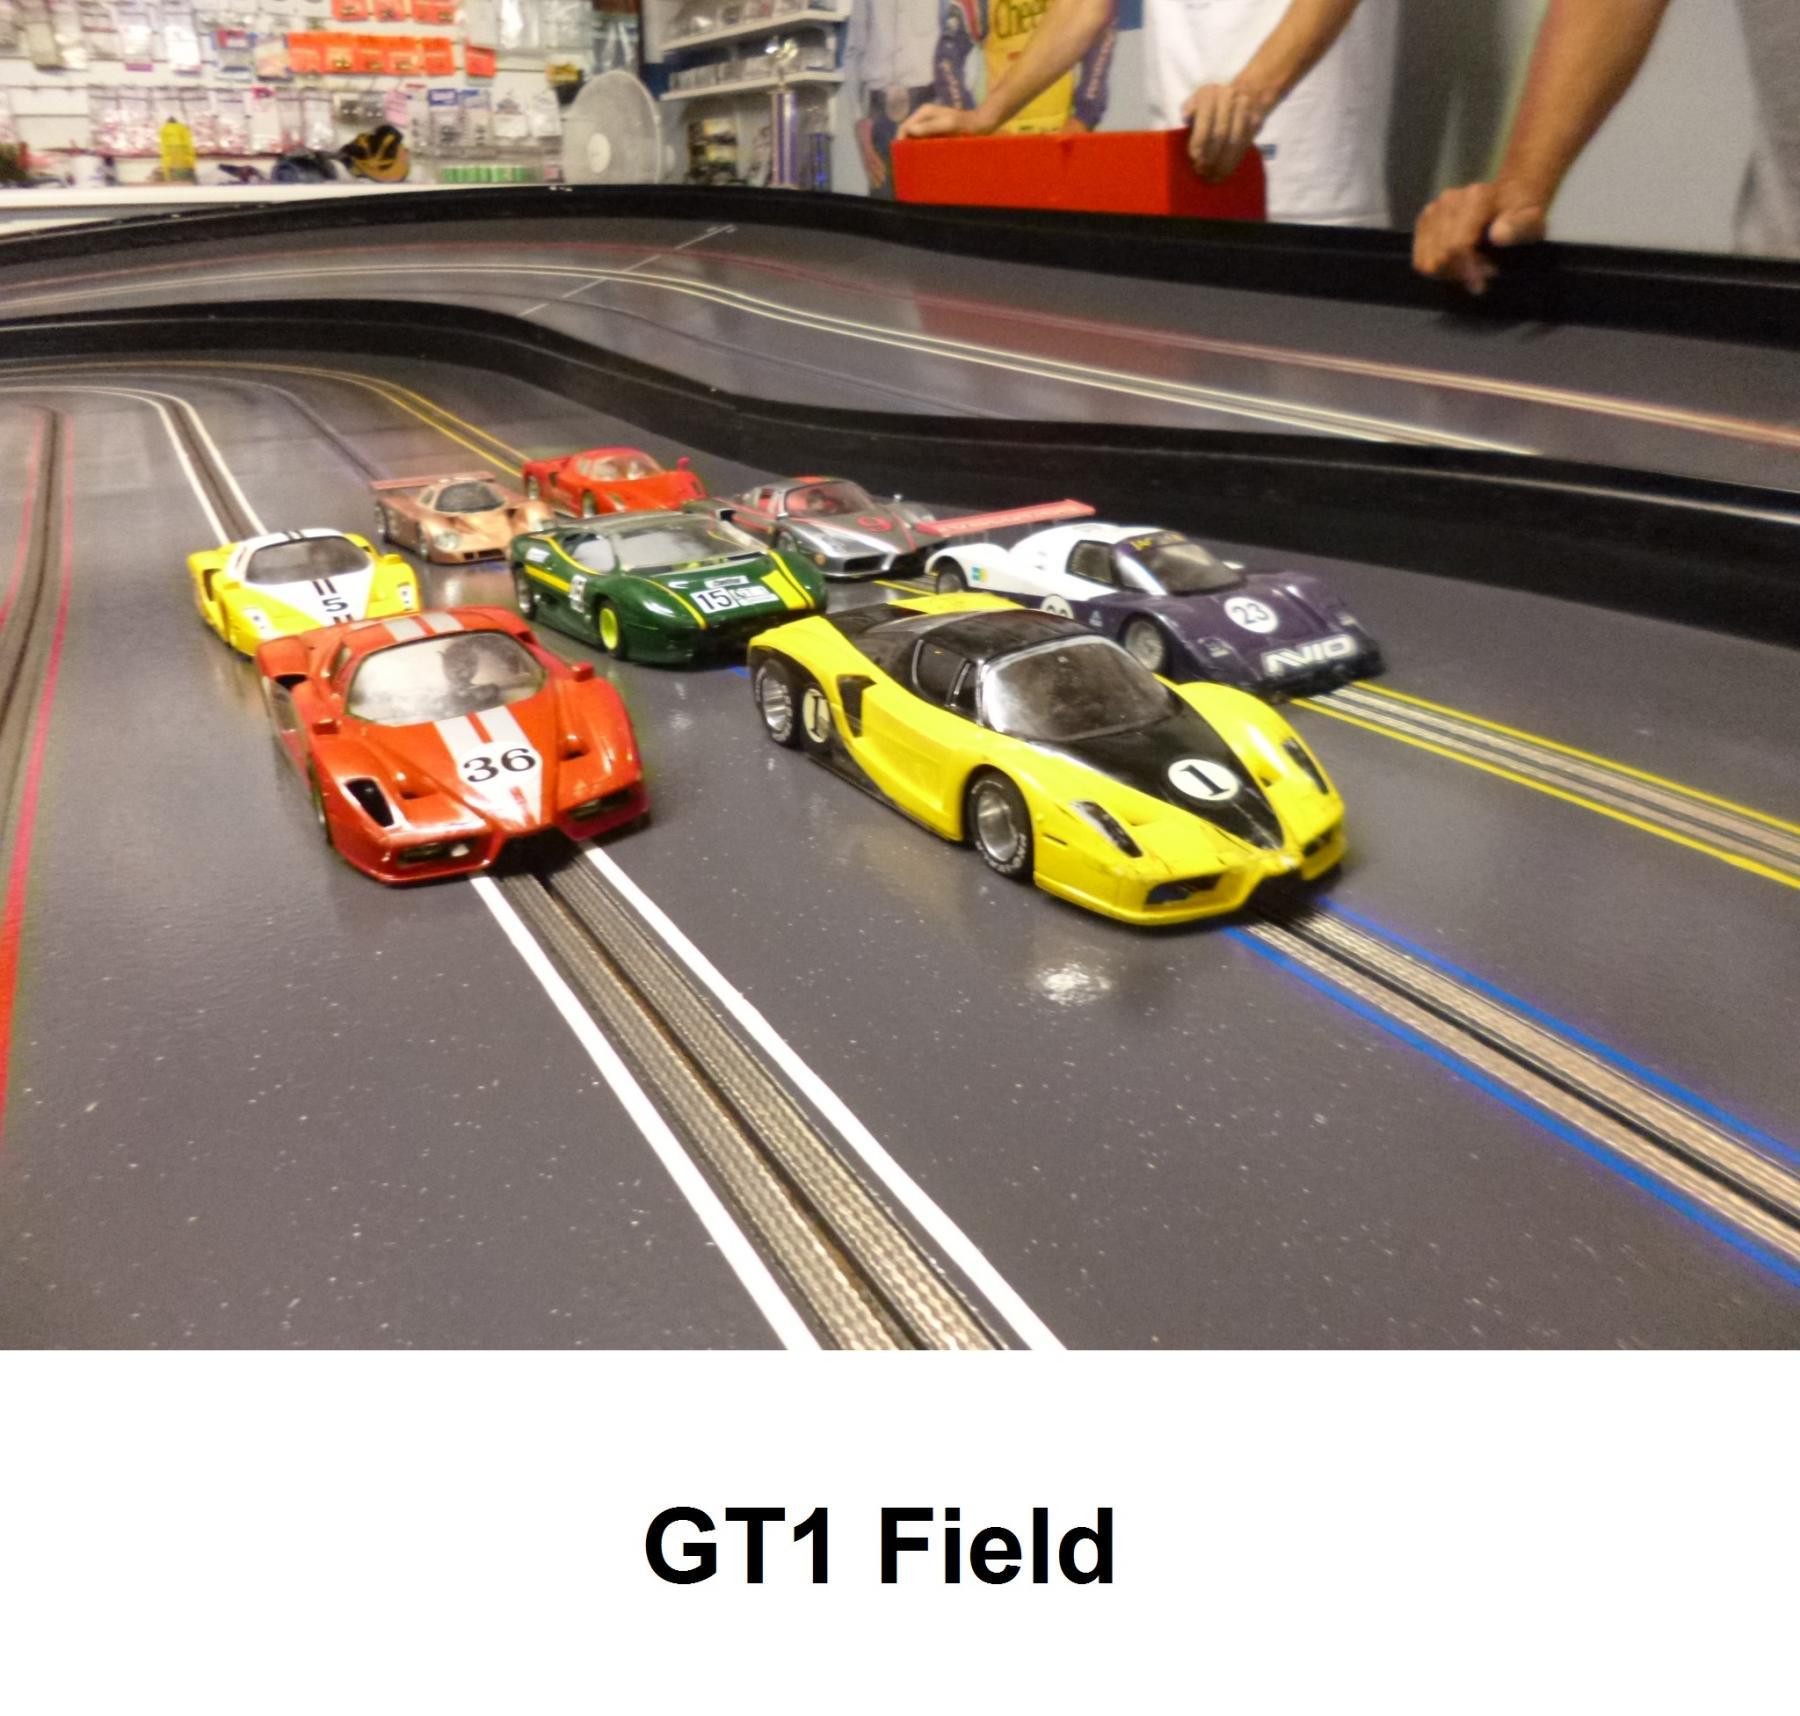 GT1_Field.jpg